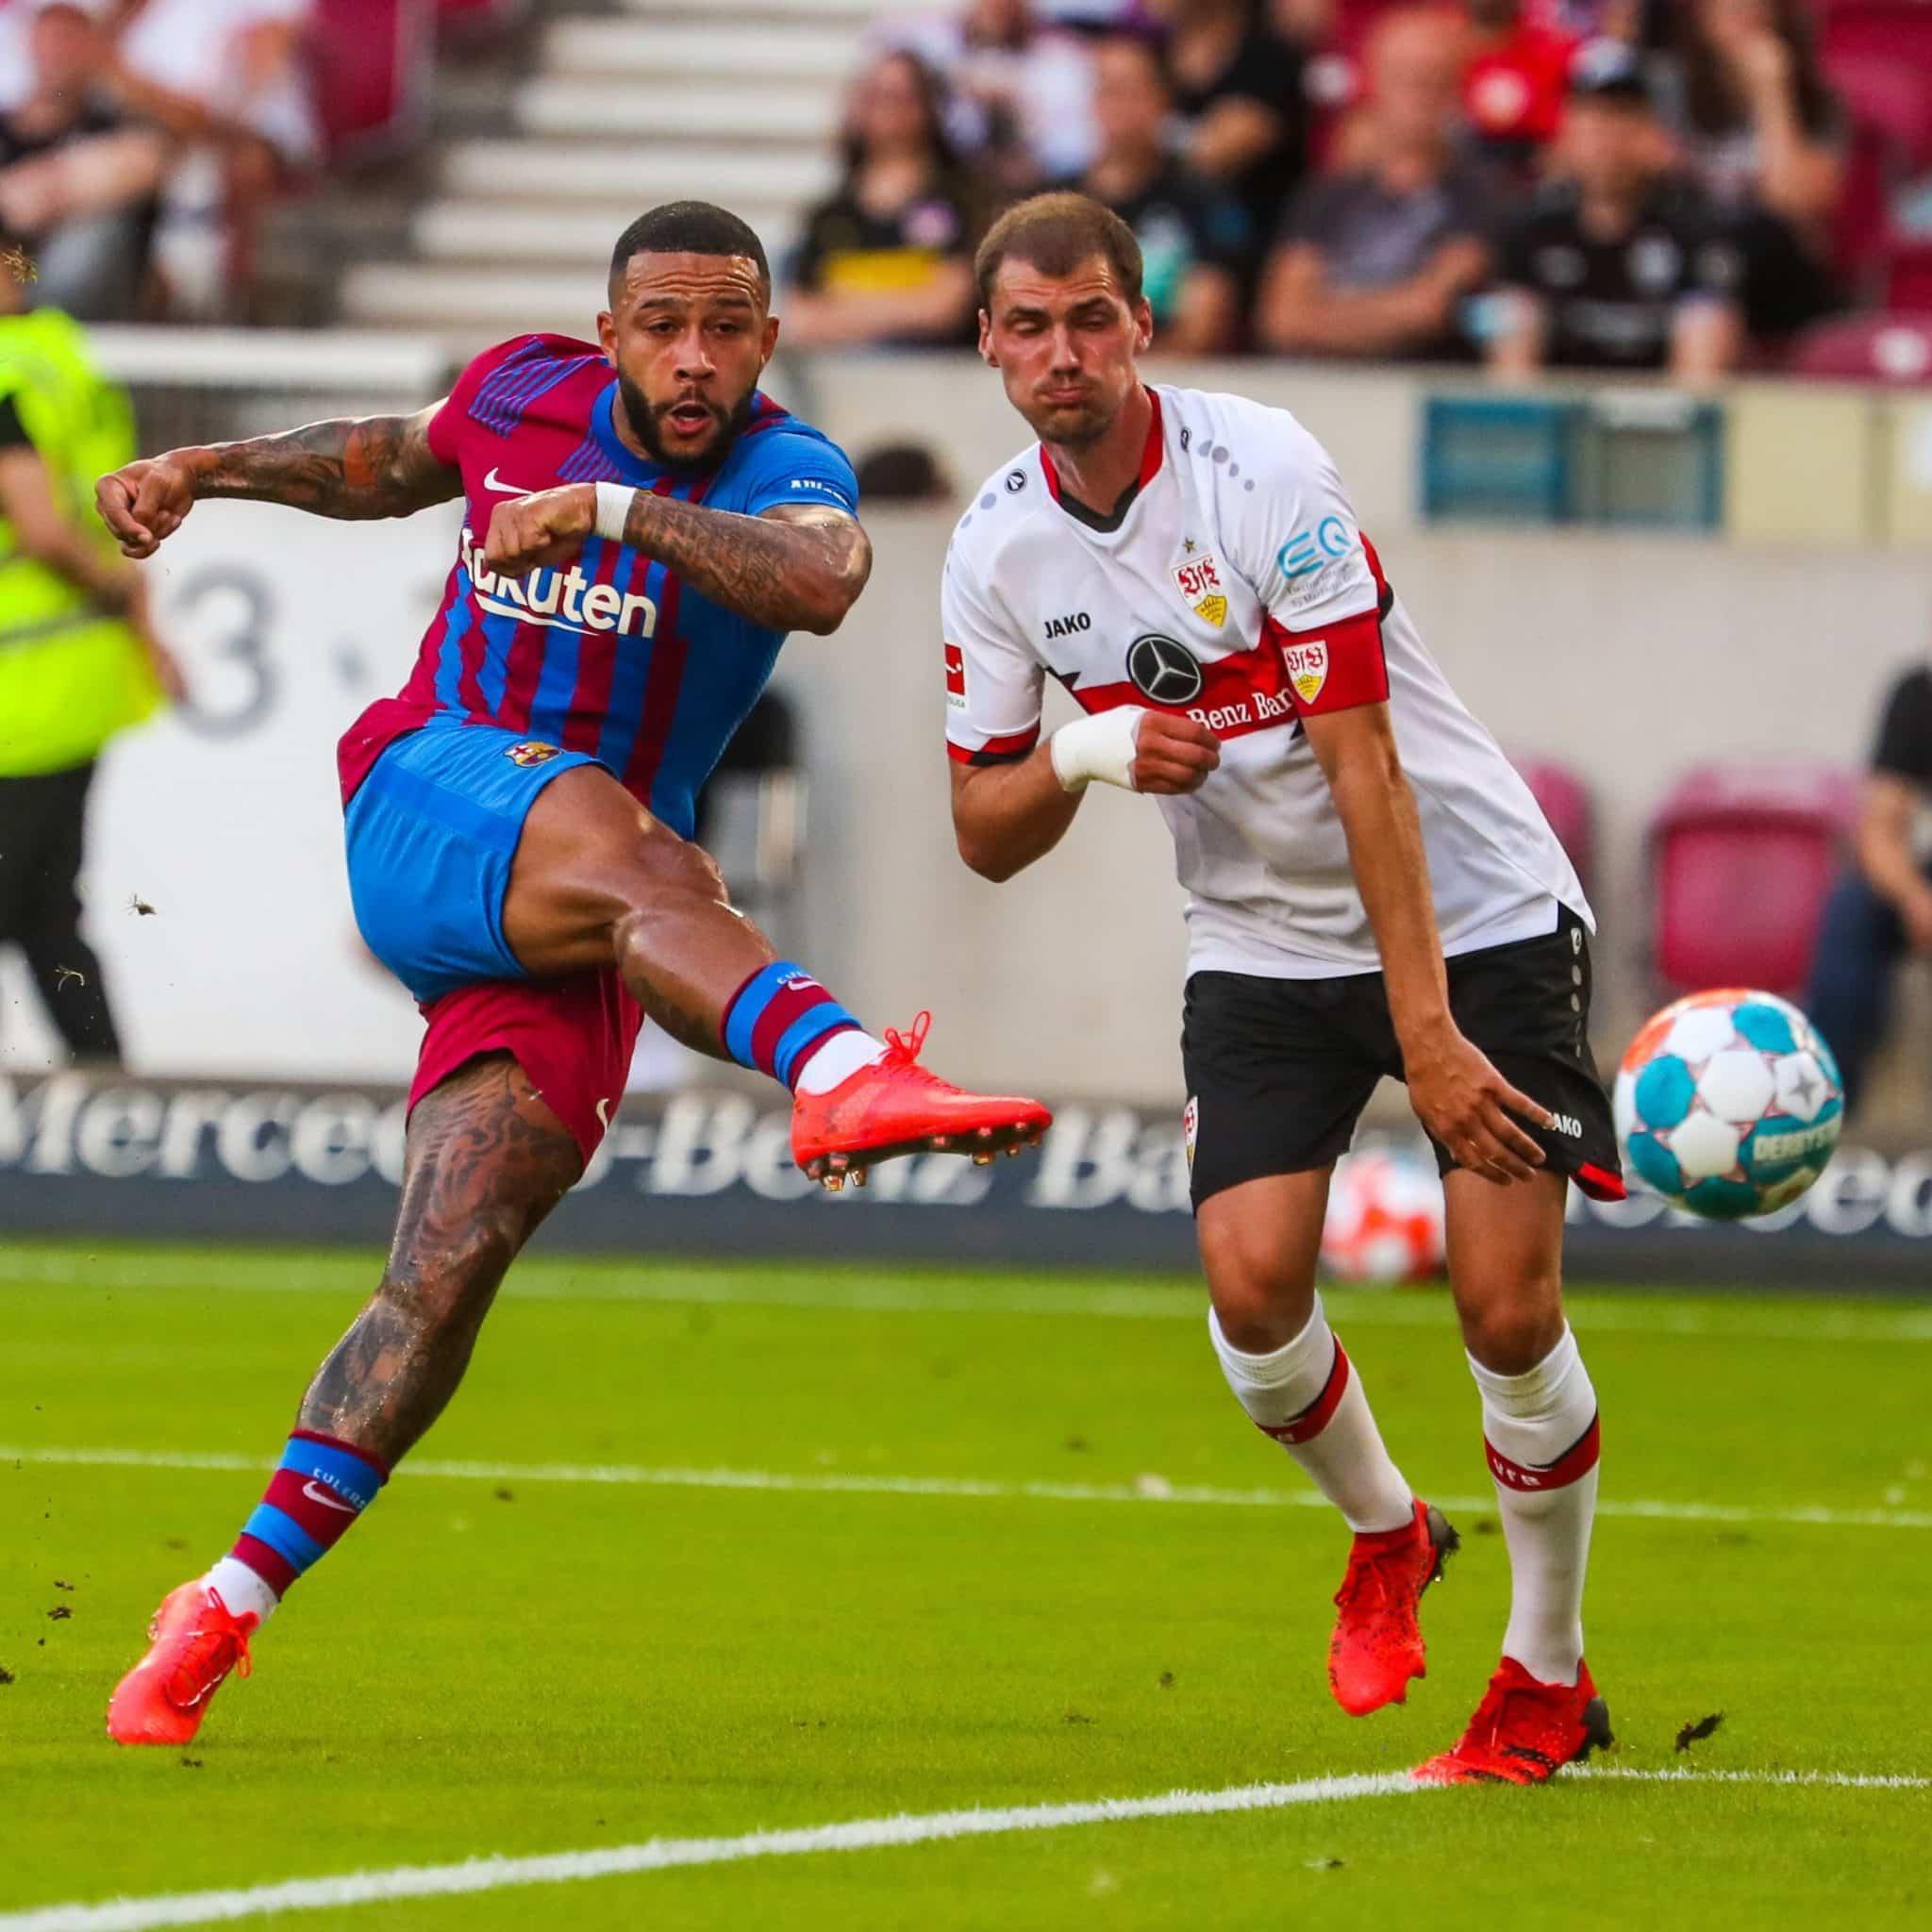 Anunciado pelo Barcelona em junho deste ano, Memphis Depay soma dois gols em duas partidas disputadas pela equipe catalã